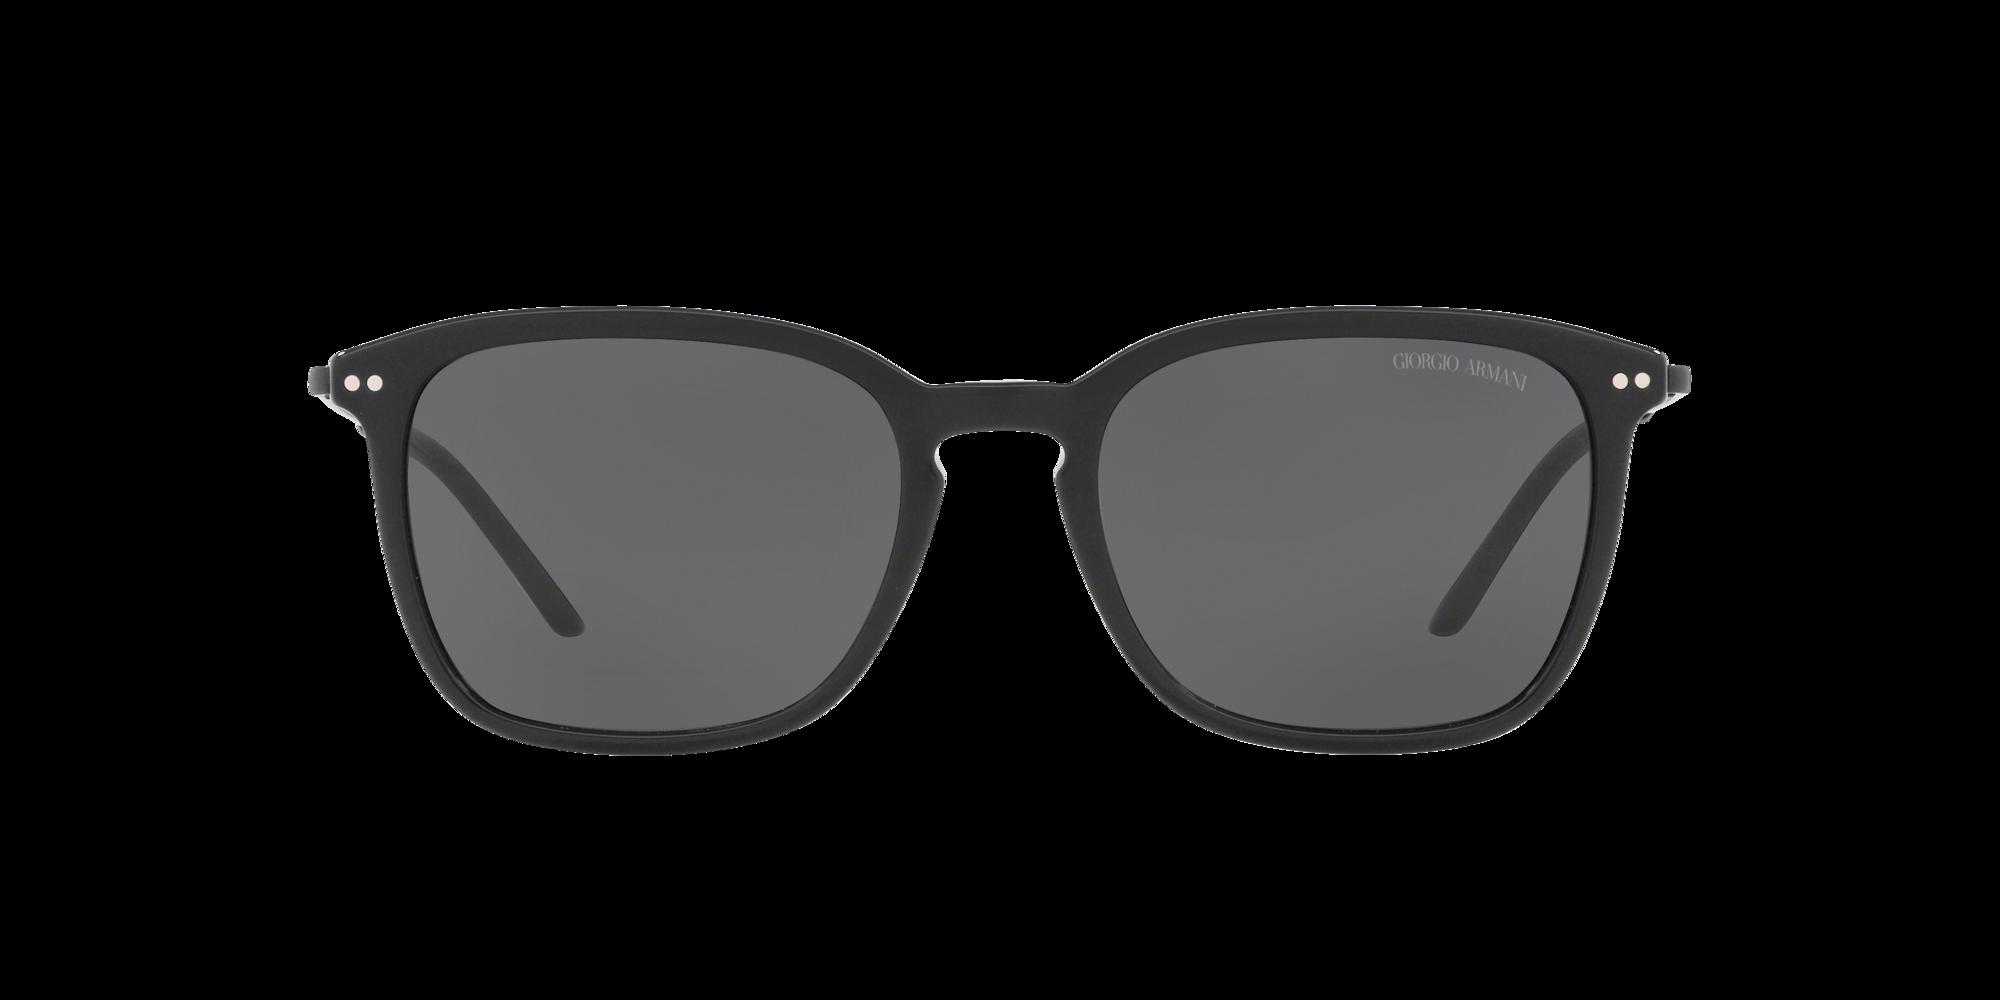 Imagen para AR8111 54 de LensCrafters |  Espejuelos, espejuelos graduados en línea, gafas